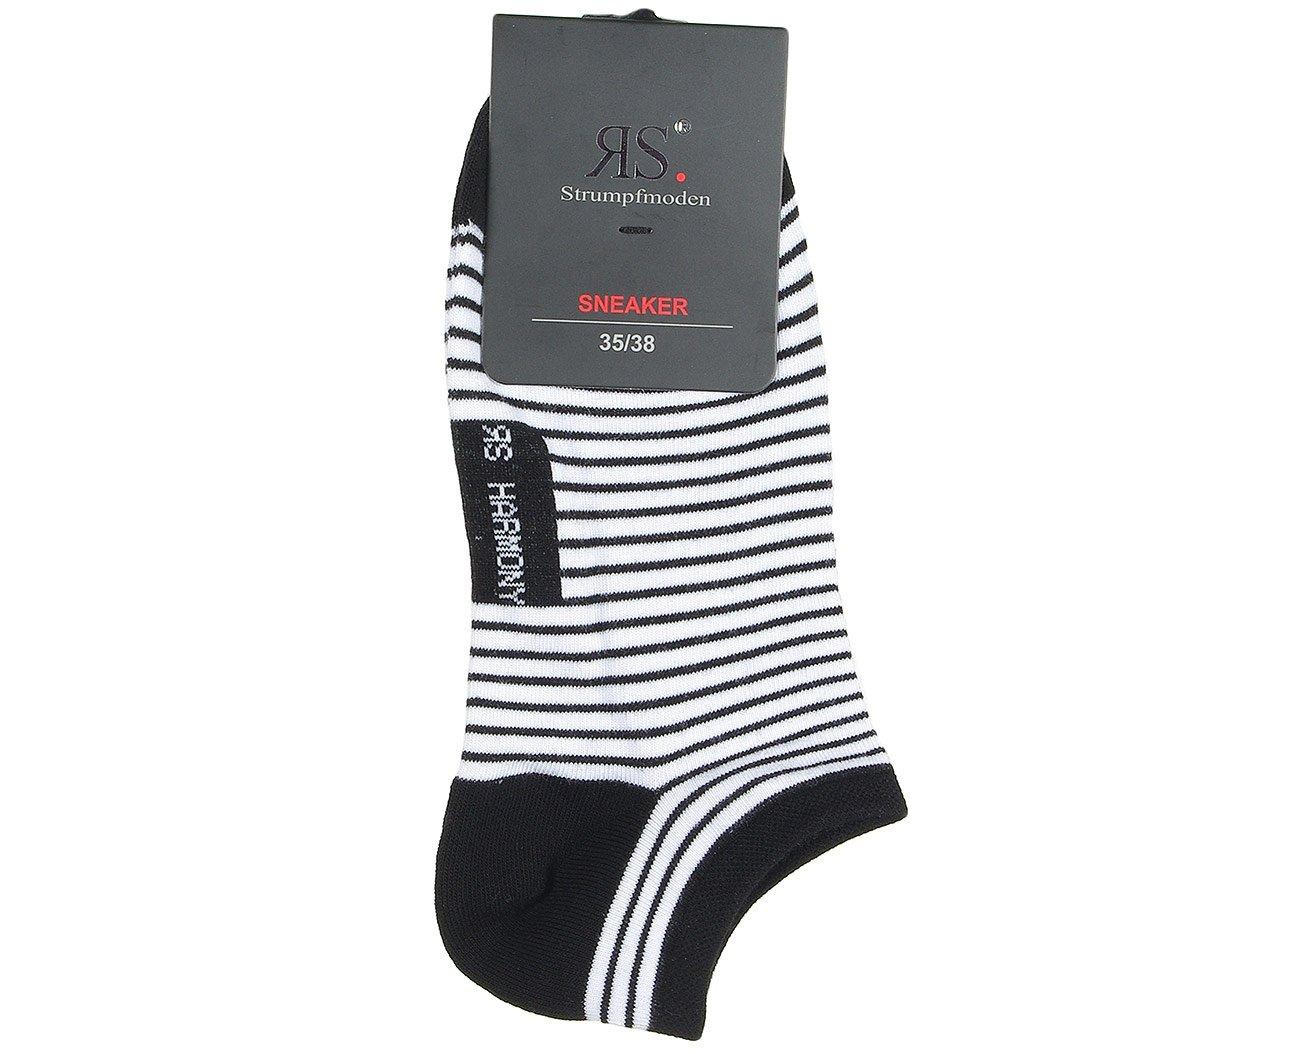 RS 15318 Sneaker Paski stopki damskie biały/czarny